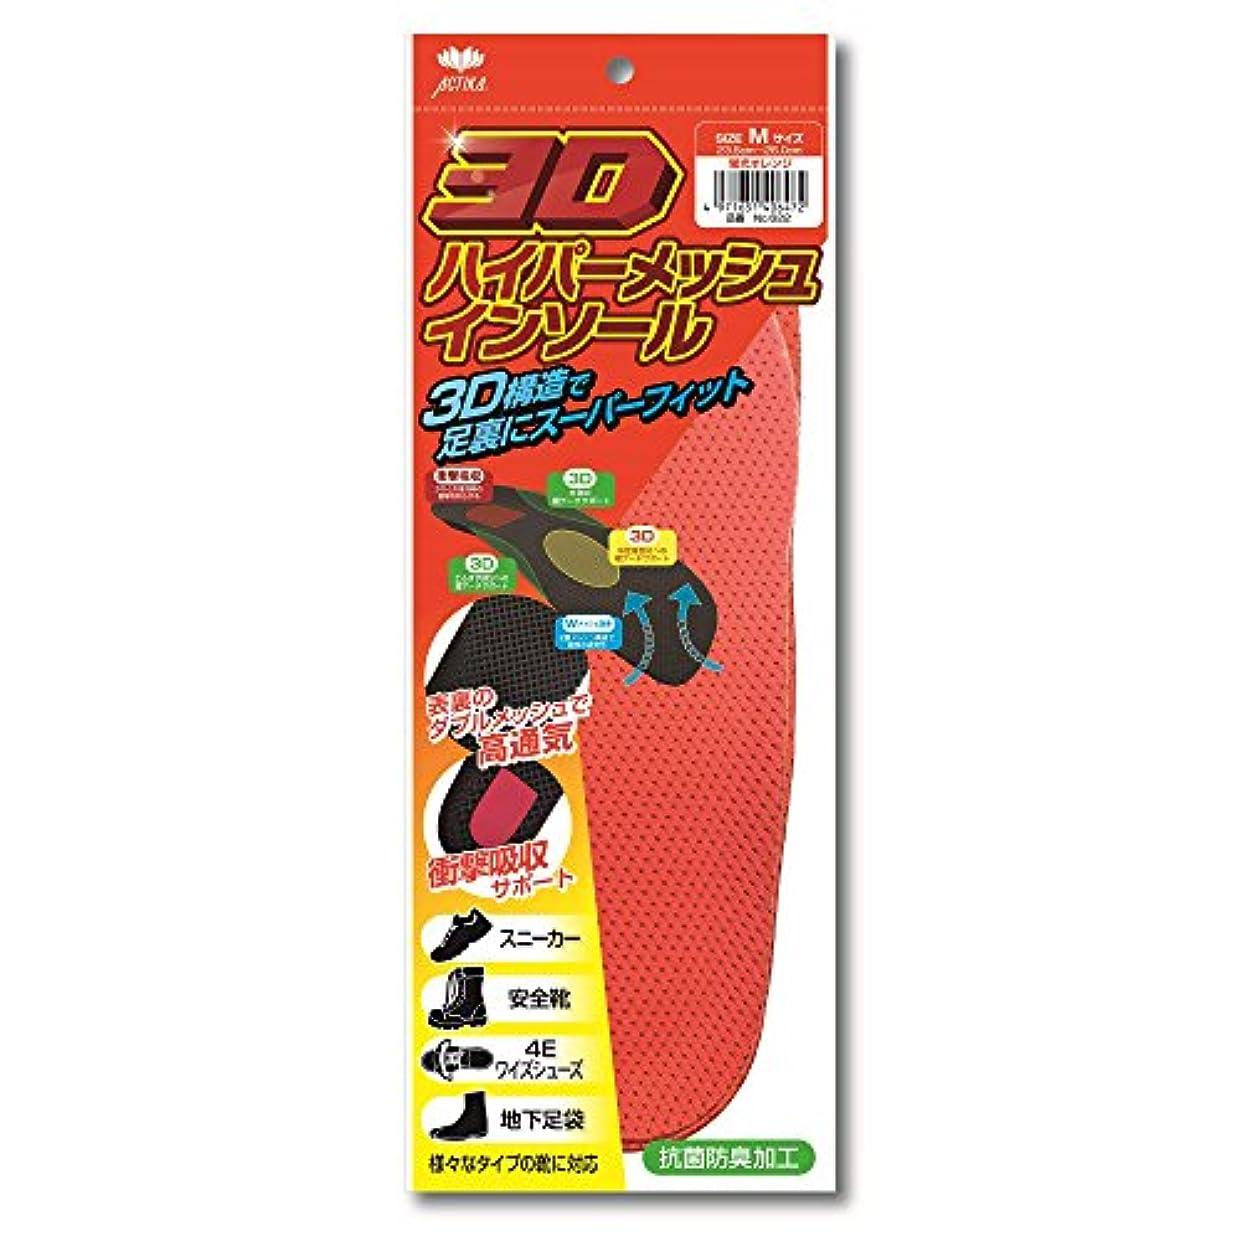 改善従者仕出しますアクティカ 3Dハイパーメッシュインソール オレンジ 男性用 No.622 M(23.5~26.0cm)